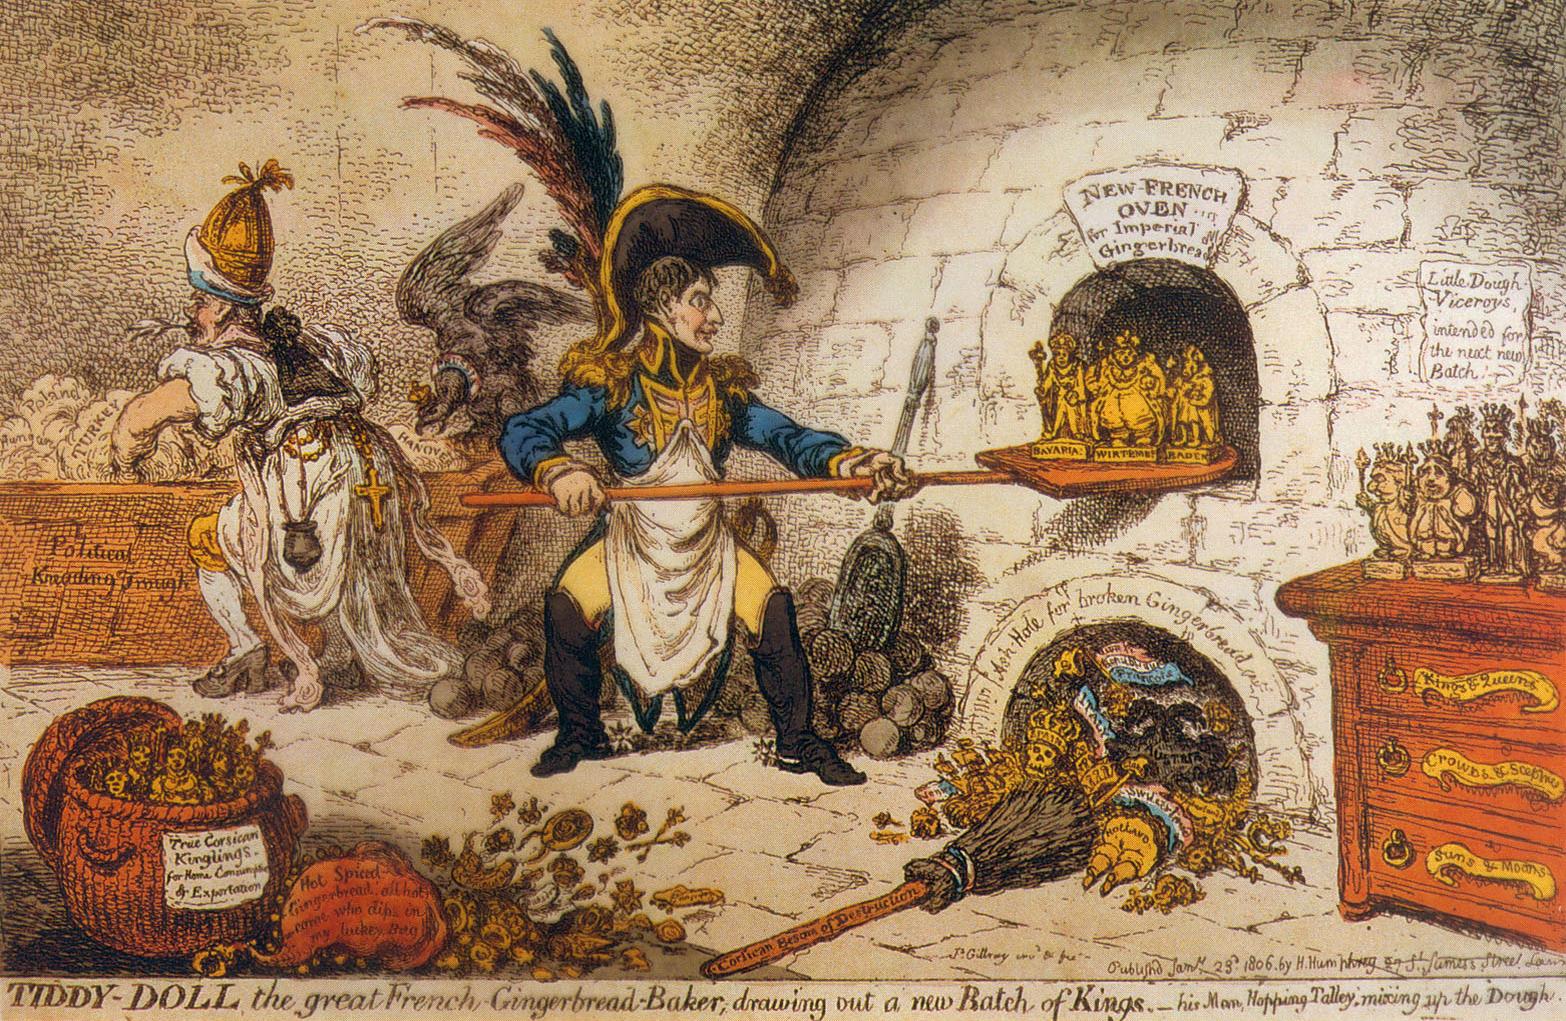 satirische zeichnung von 1806 zeigt napoleon als backer seiner verbundeten und talleyrand der bereits neuen teig knetet